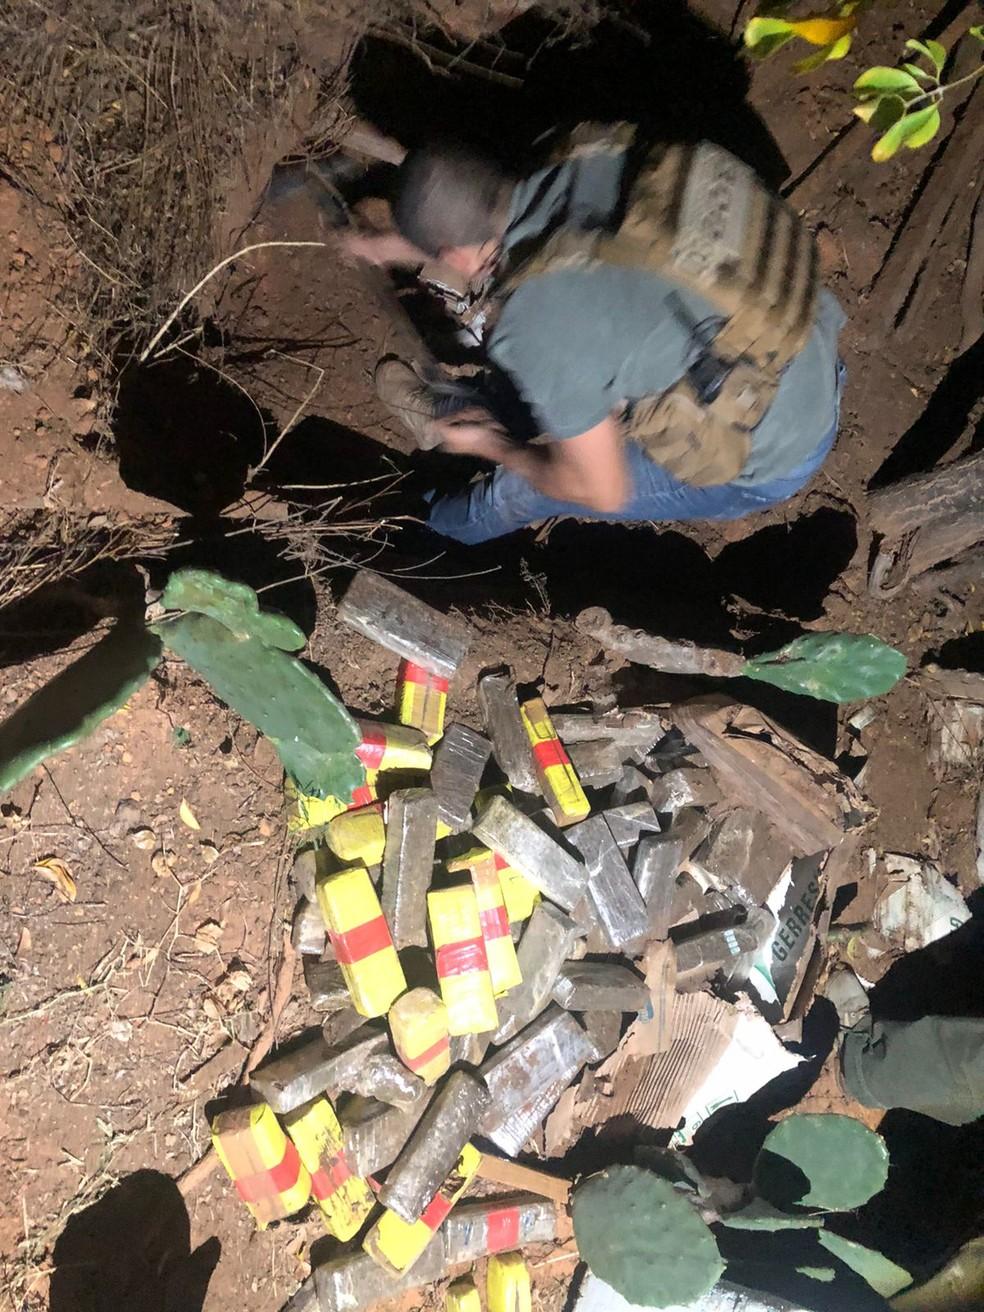 Ao chegar à granja, foi encontrado cerca de 200 kg de maconha enterrados.  — Foto: Divulgação/Polícia Civil